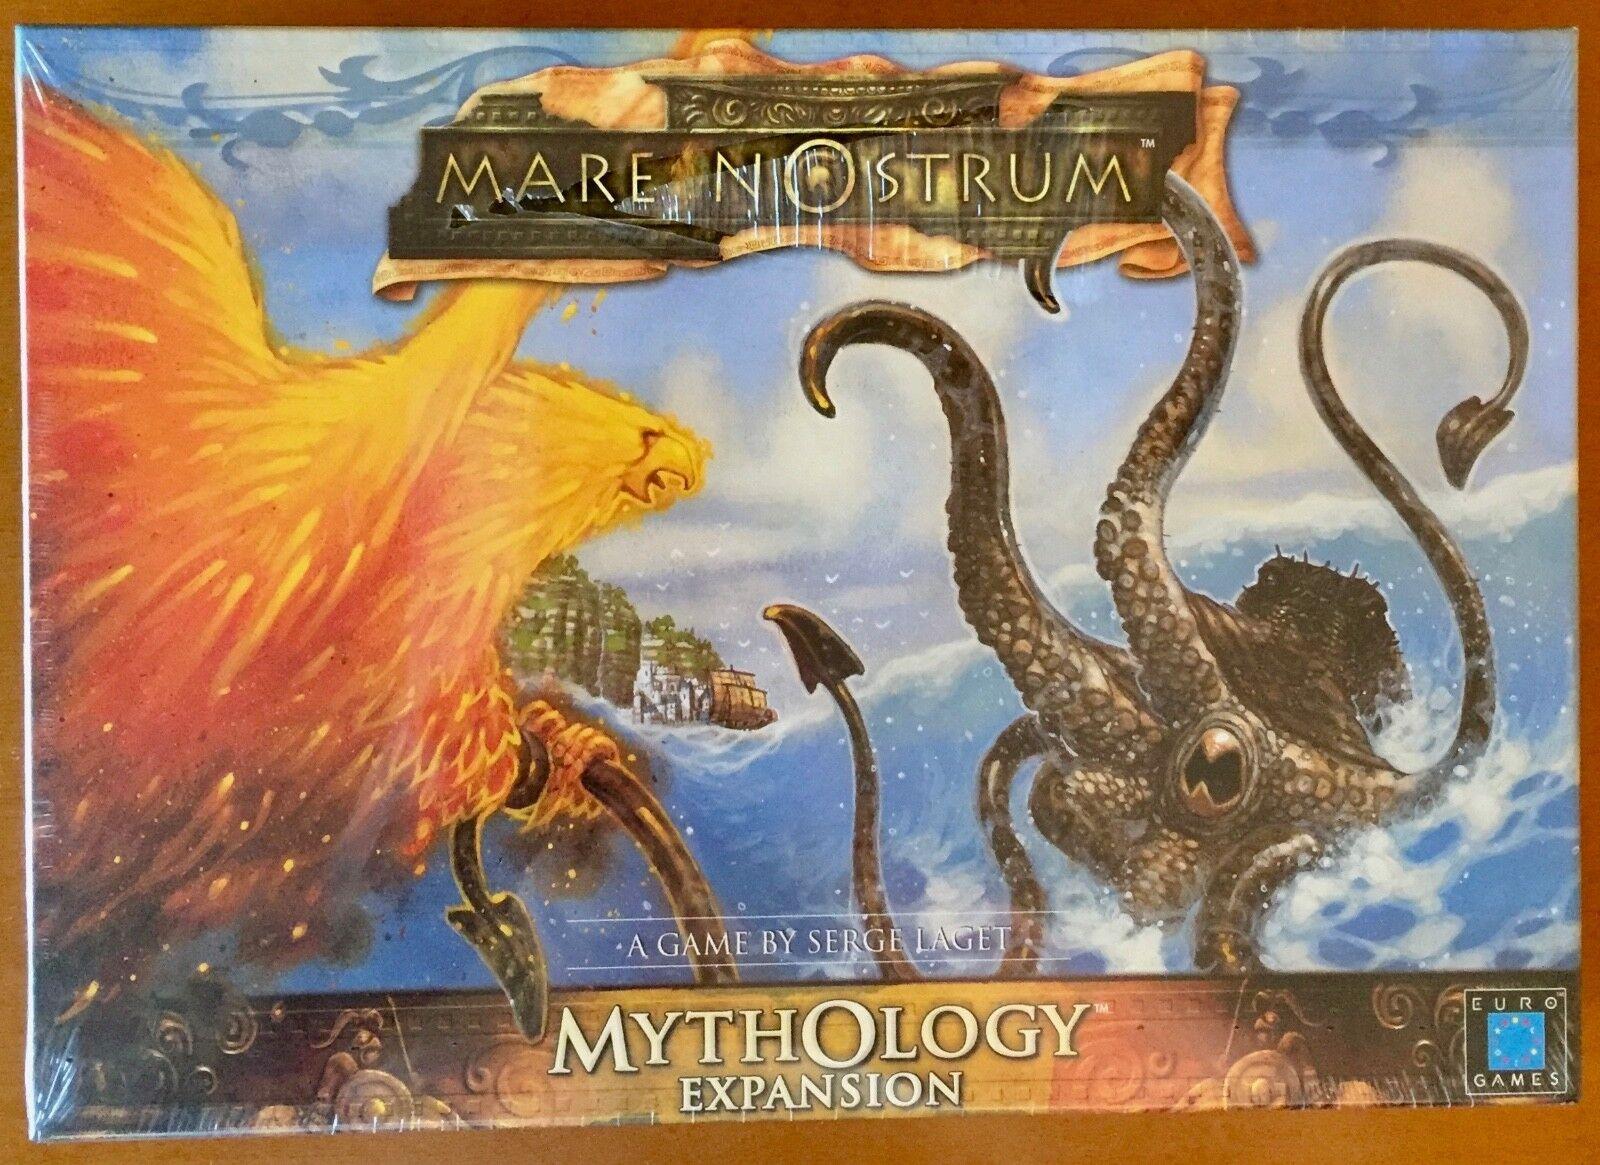 Mare Nostrum Mythology Expansion -Eurogames 2003 Blisterato Sealed Shrinkwrapped